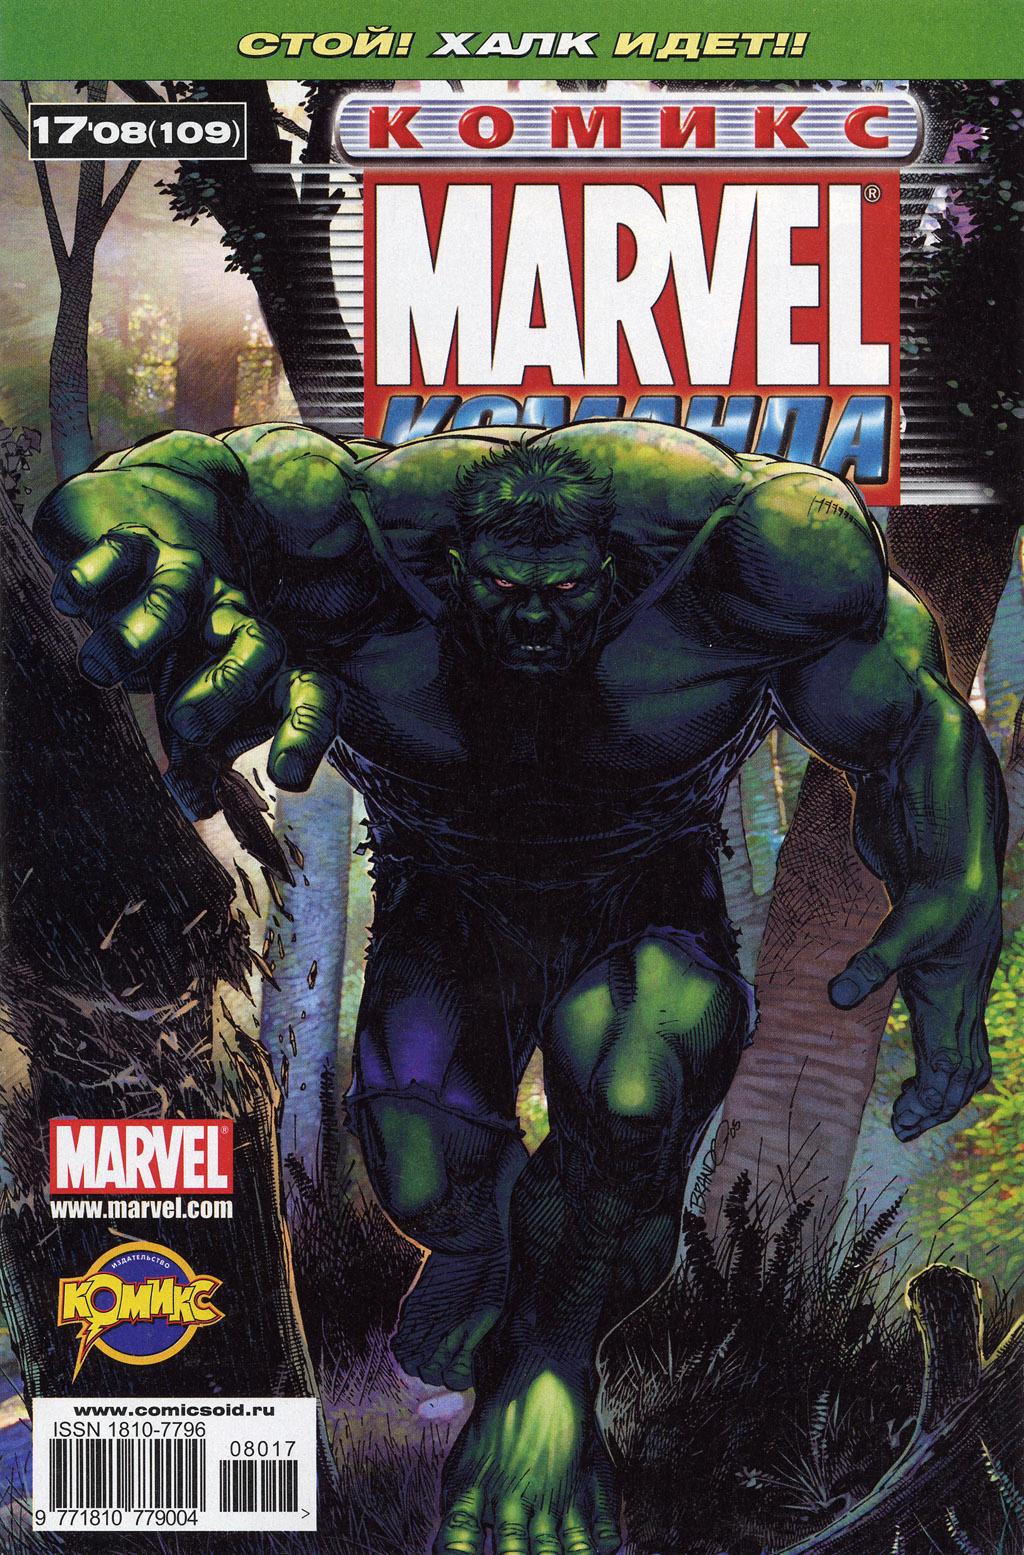 Комиксы Онлайн - Марвел Команда ИДК - # 88 - Страница №1 - Marvel Команда ИДК - Marvel Команда # 109